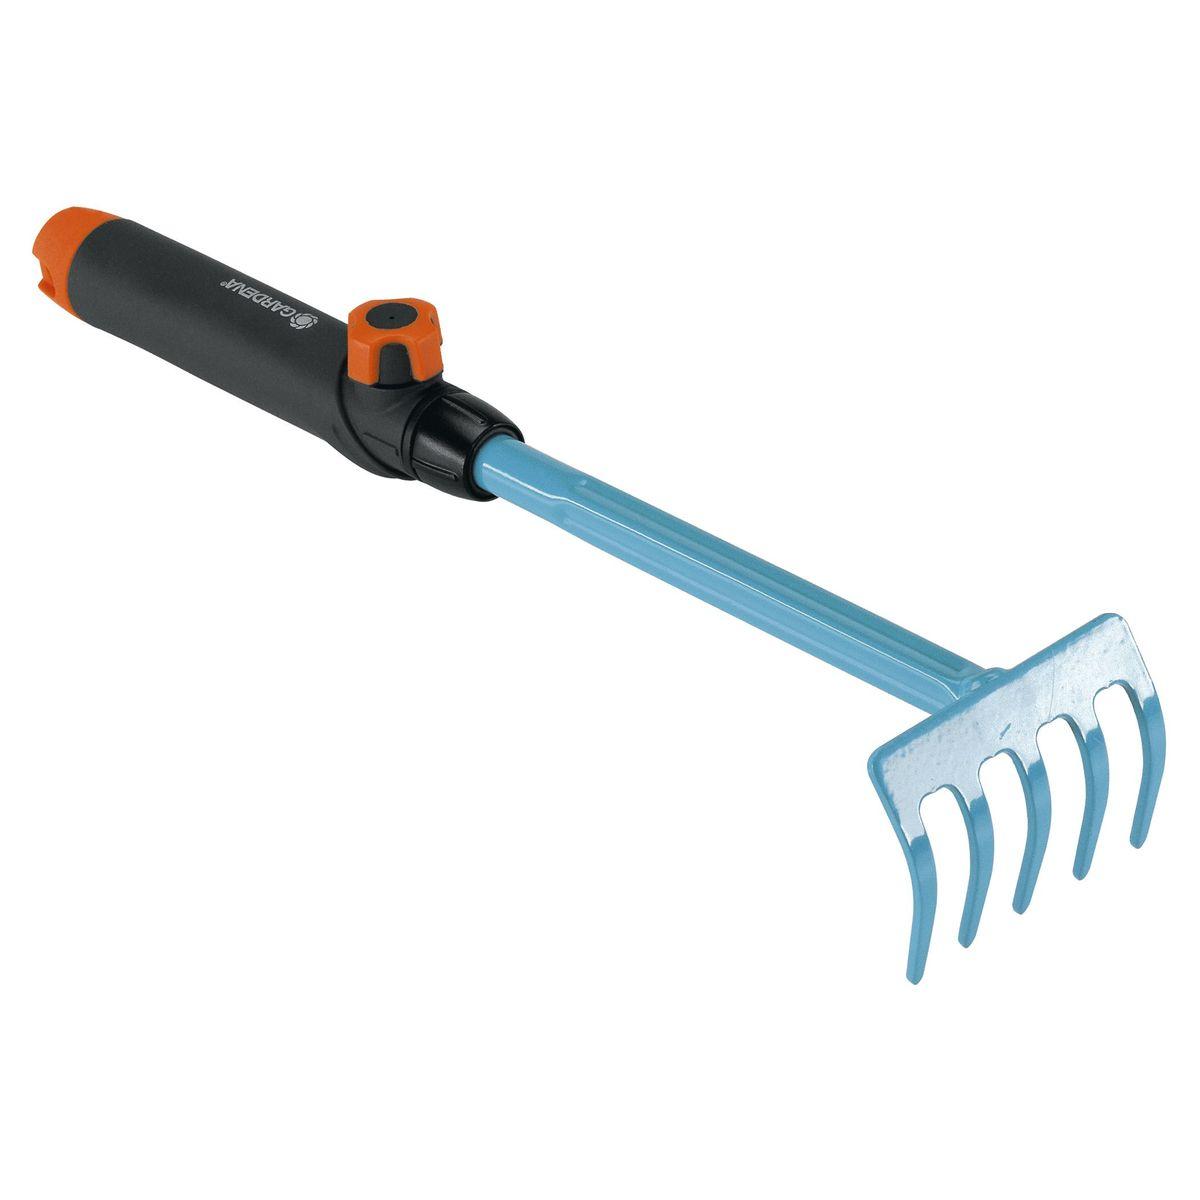 Грабли цветочные Gardena3520Грабли цветочные Gardena идеально подходят для сгребания и рыхления почвы. Ручка специальной формы удобно лежит в руке, что облегчает работу. Ручка легко снимается и может быть заменена на любую другую ручку, которая будет подходить пользователю по росту и избавит от необходимости нагибаться. Грабли цветочные выполнены из высококачественной стали с покрытием из дюропласта. Рабочая ширина: 8,5 см.